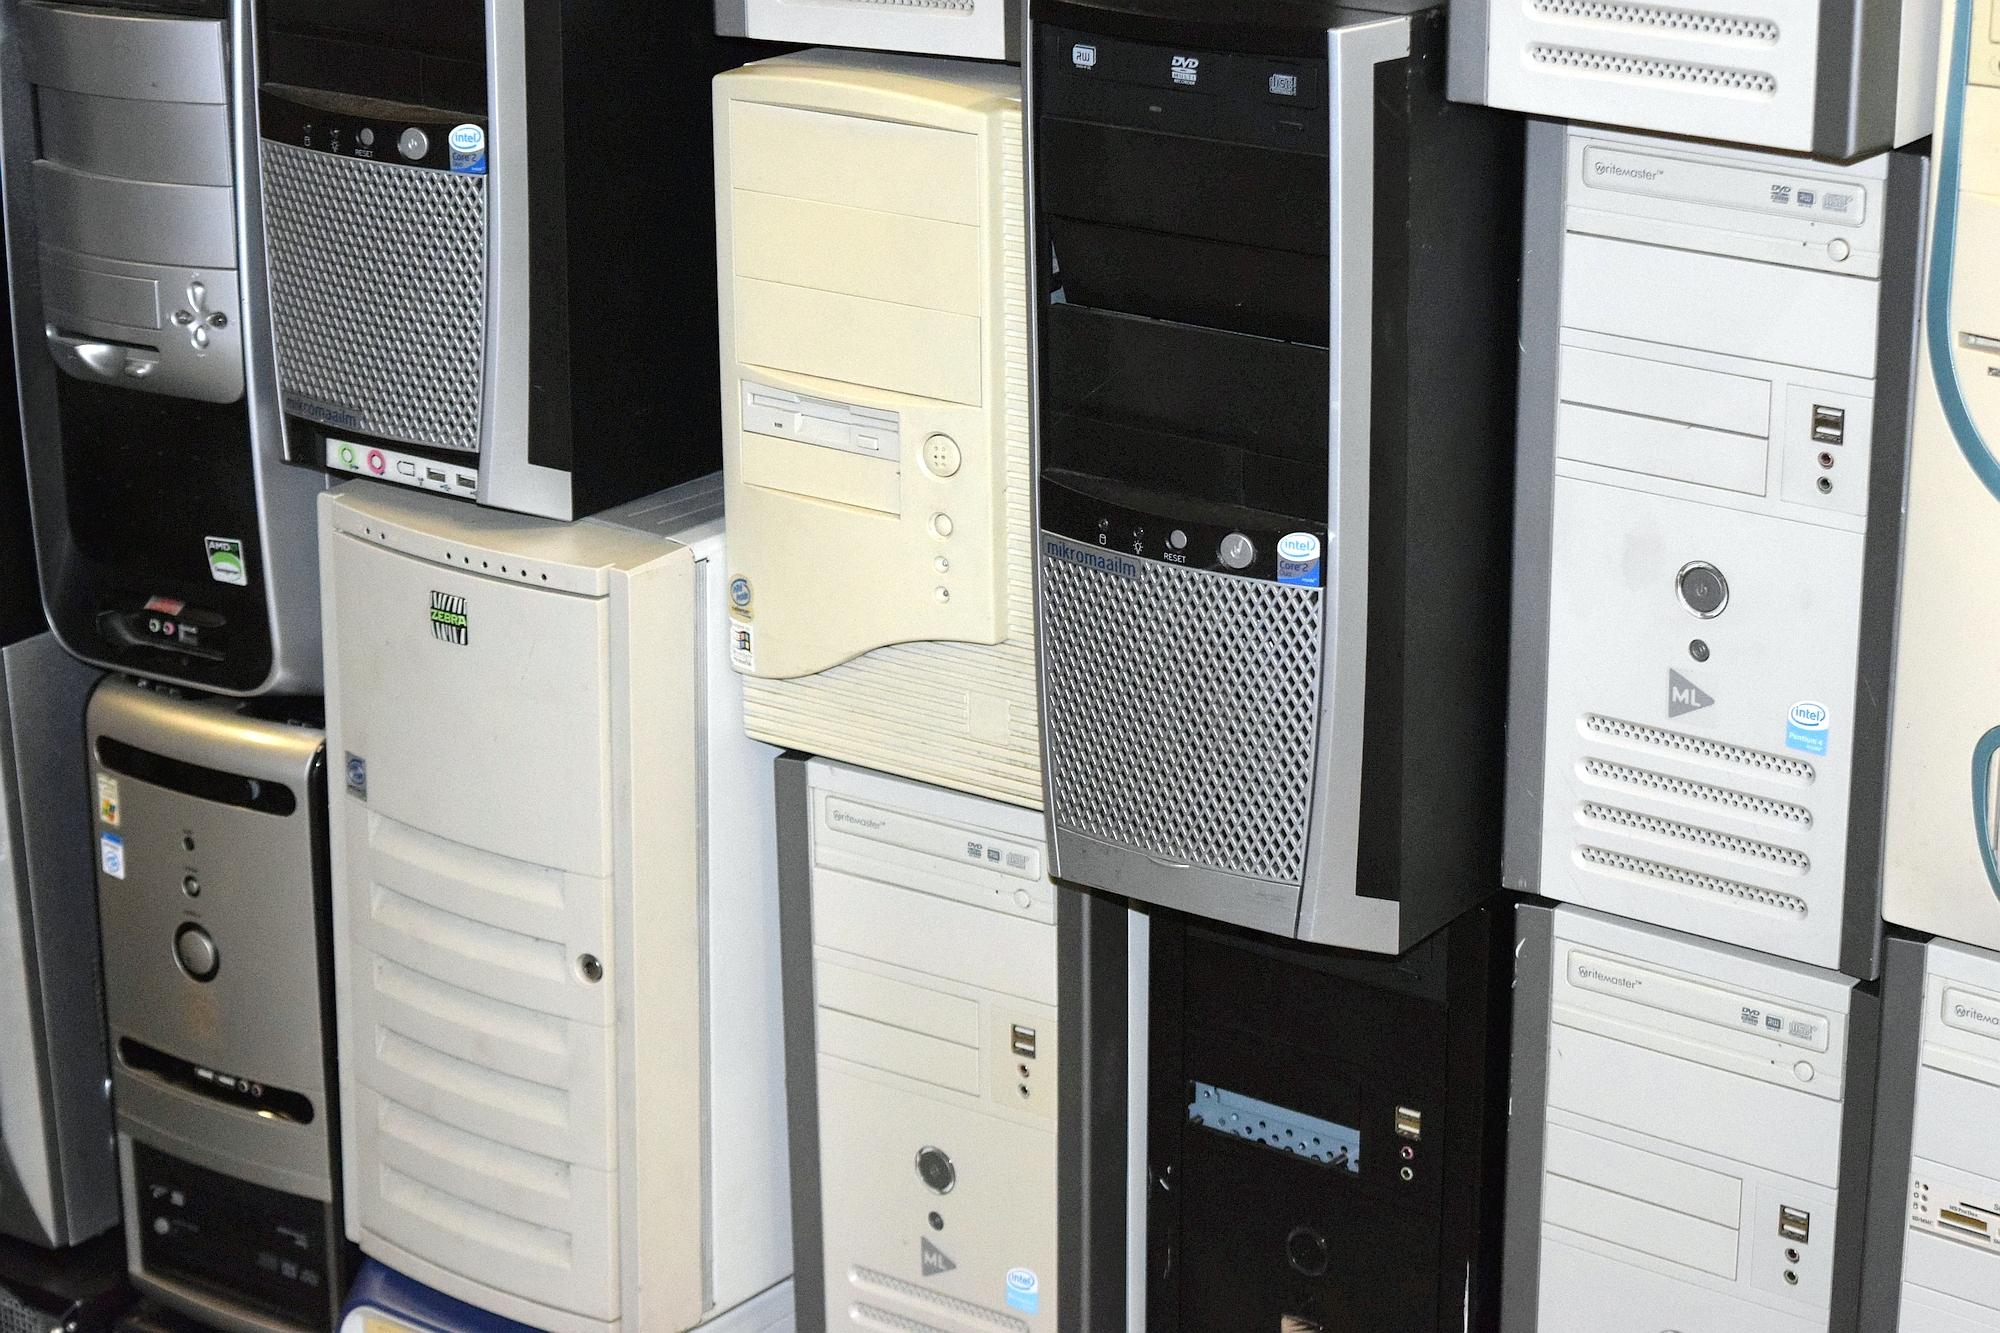 d7b1c3b7c5a Kuusakoski alustas vana elektroonika kokkuostu | Bioneer